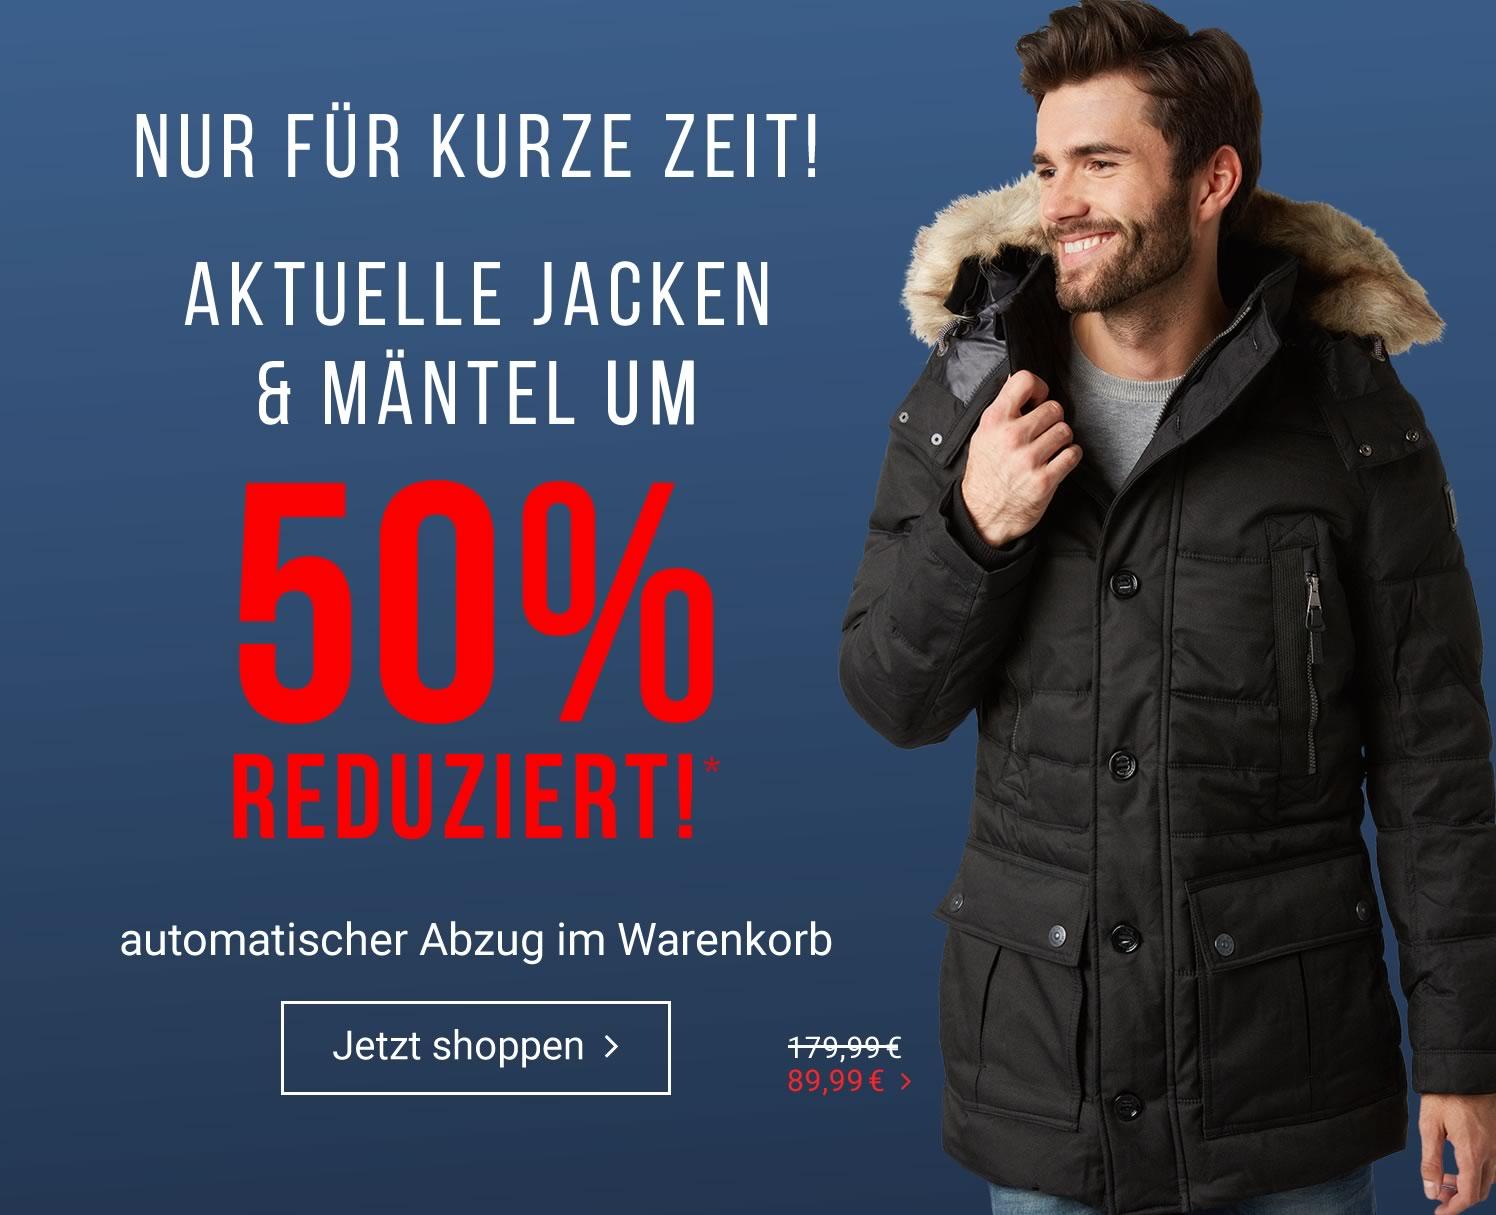 Tom Tailor: 50% Rabatt auf aktuelle Jacken & Mäntel - nur bis zum 1. Jänner